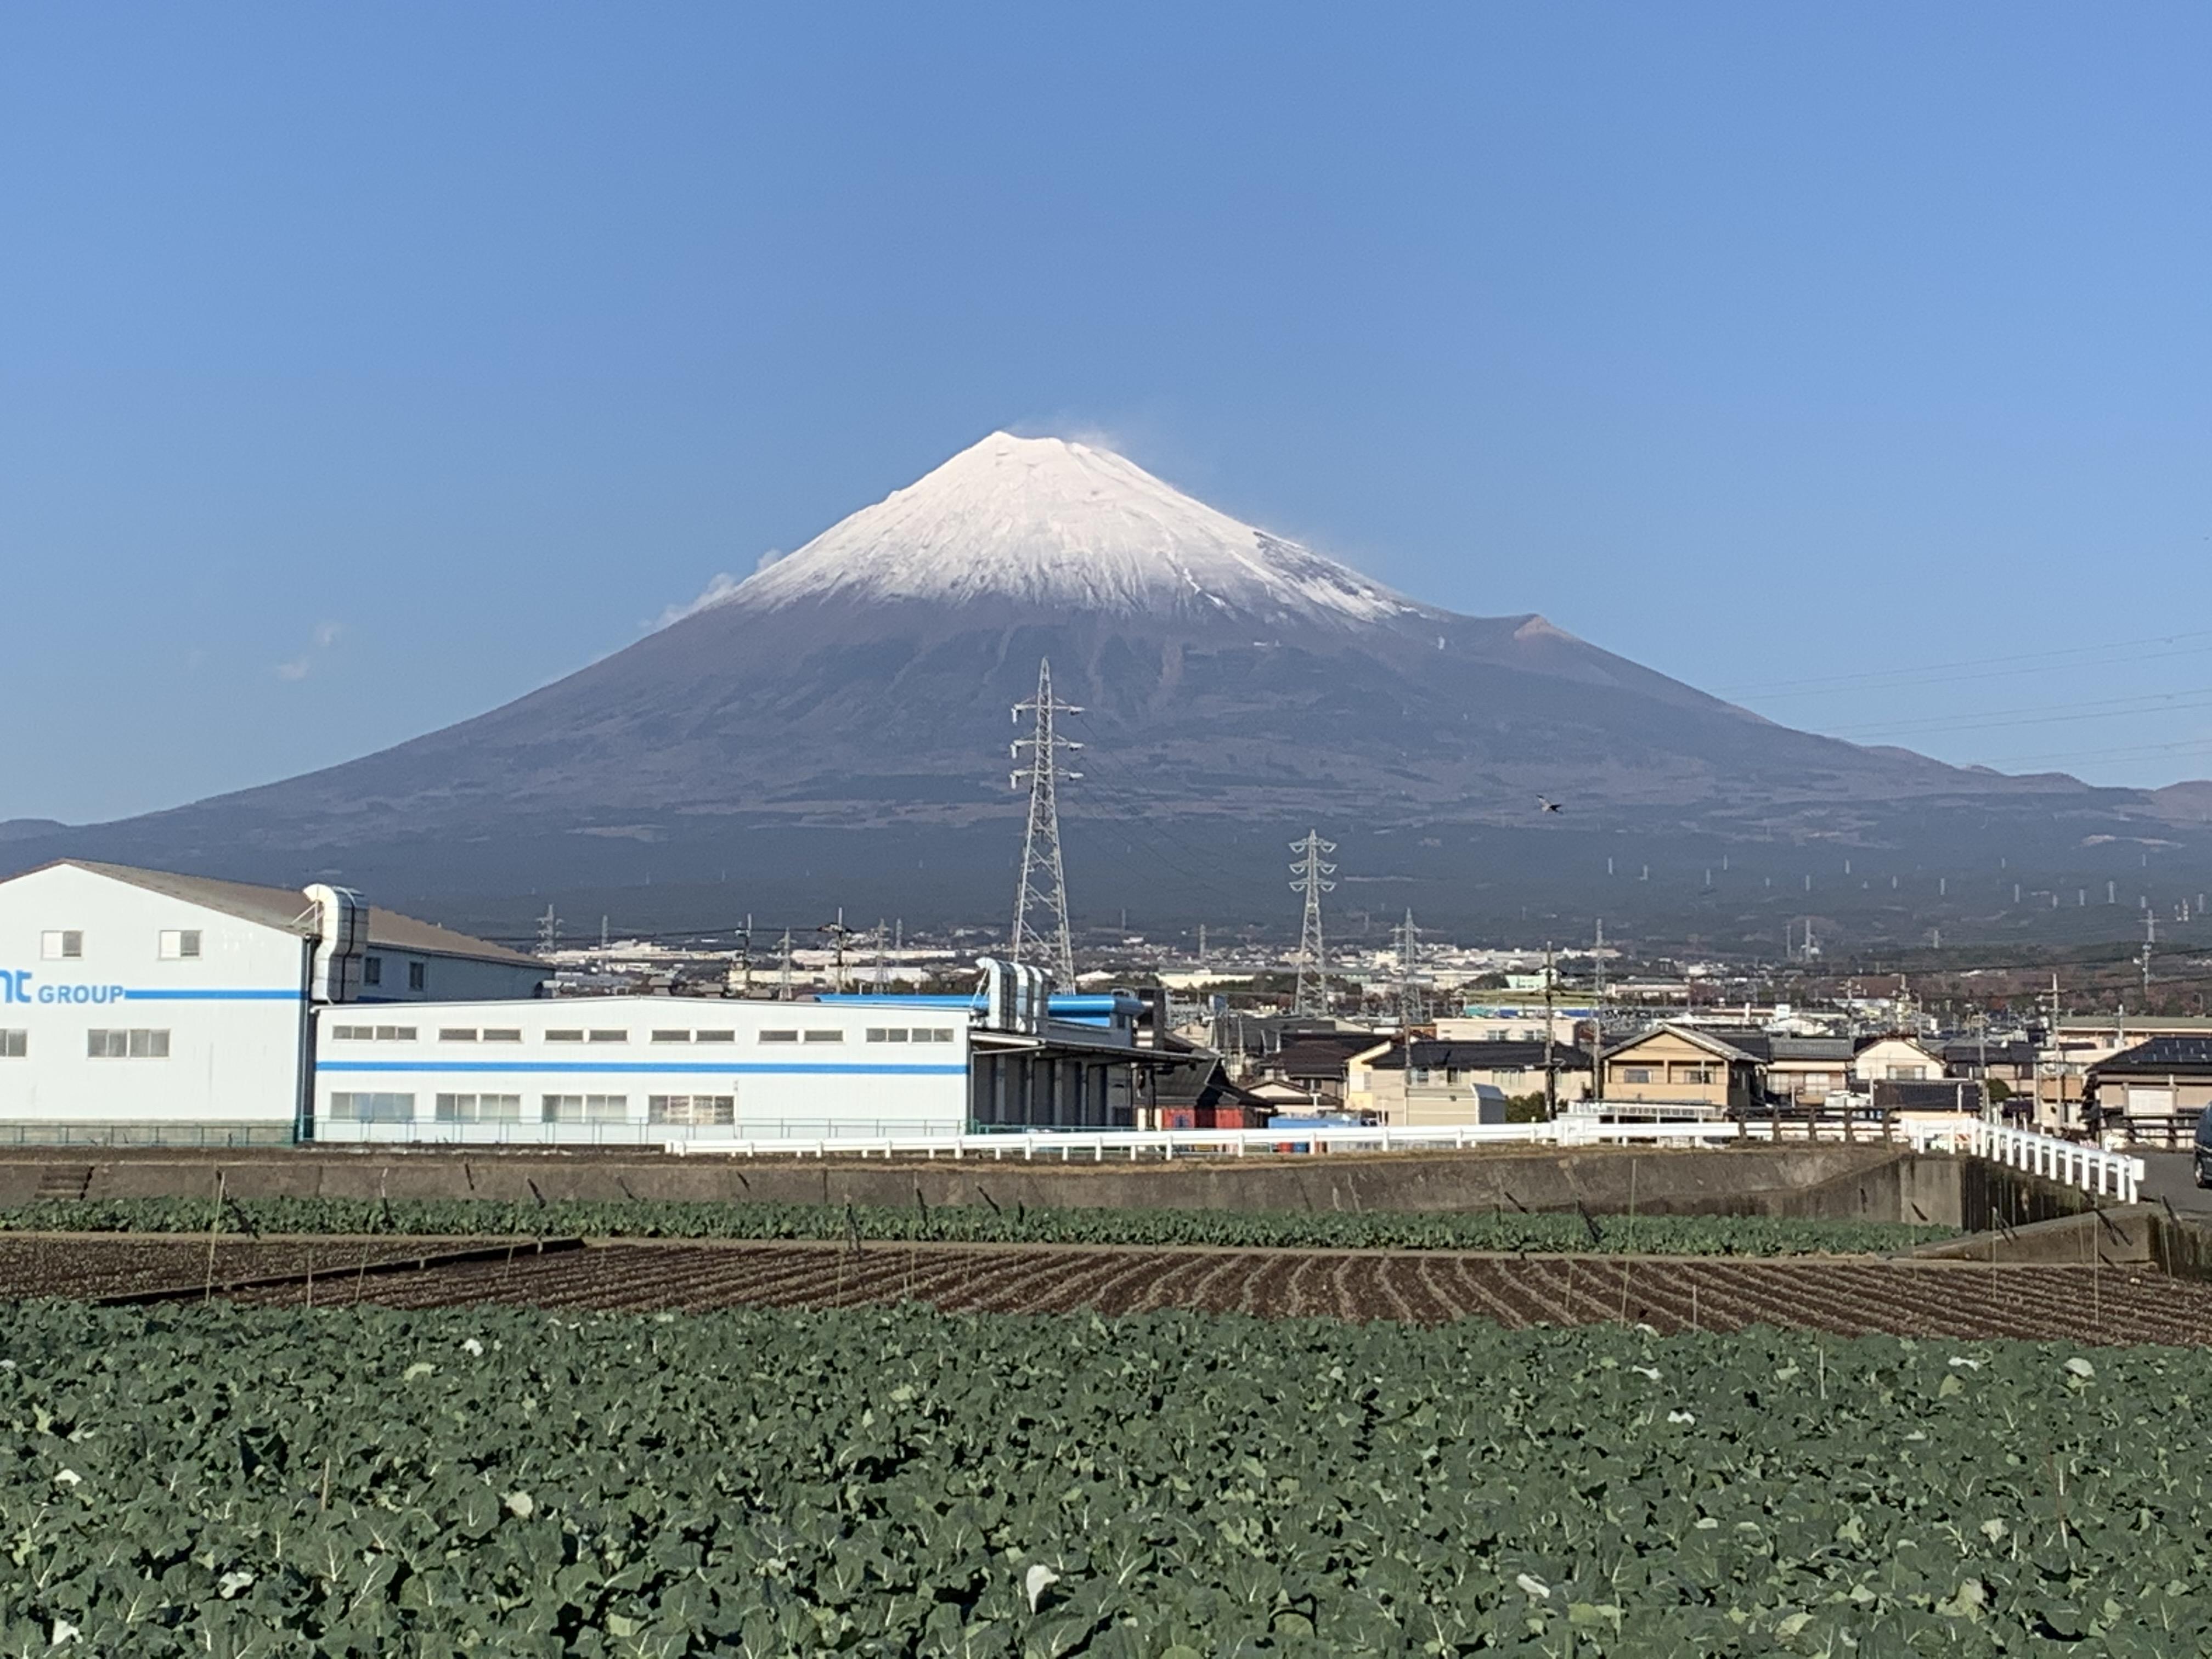 12月30日 富士山に雪が♪